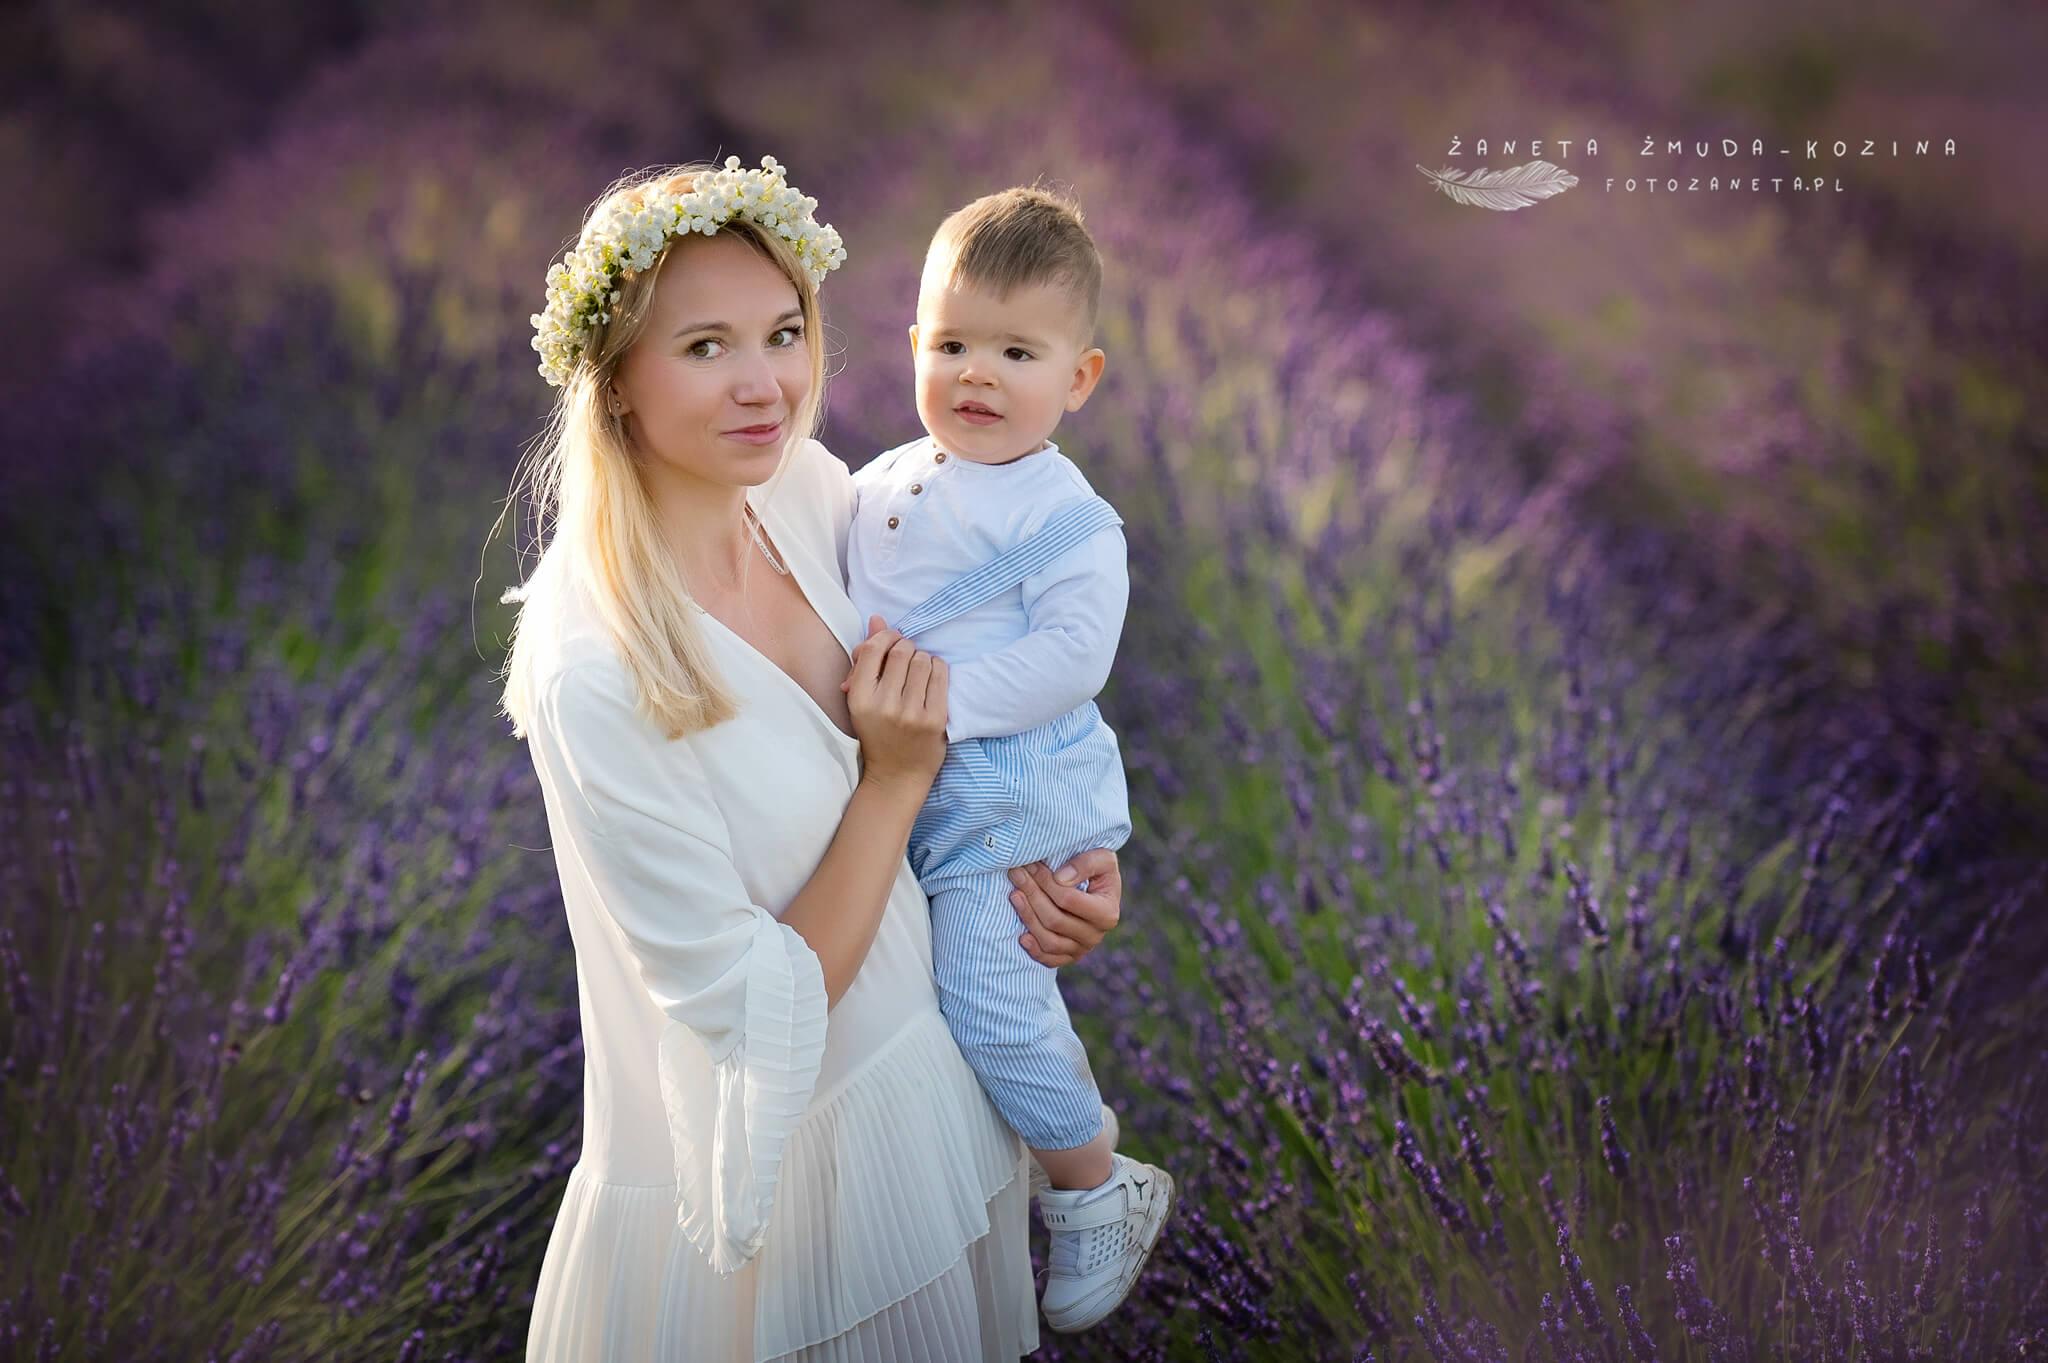 FotoZaneta fotografia rodzinna Nasielsk